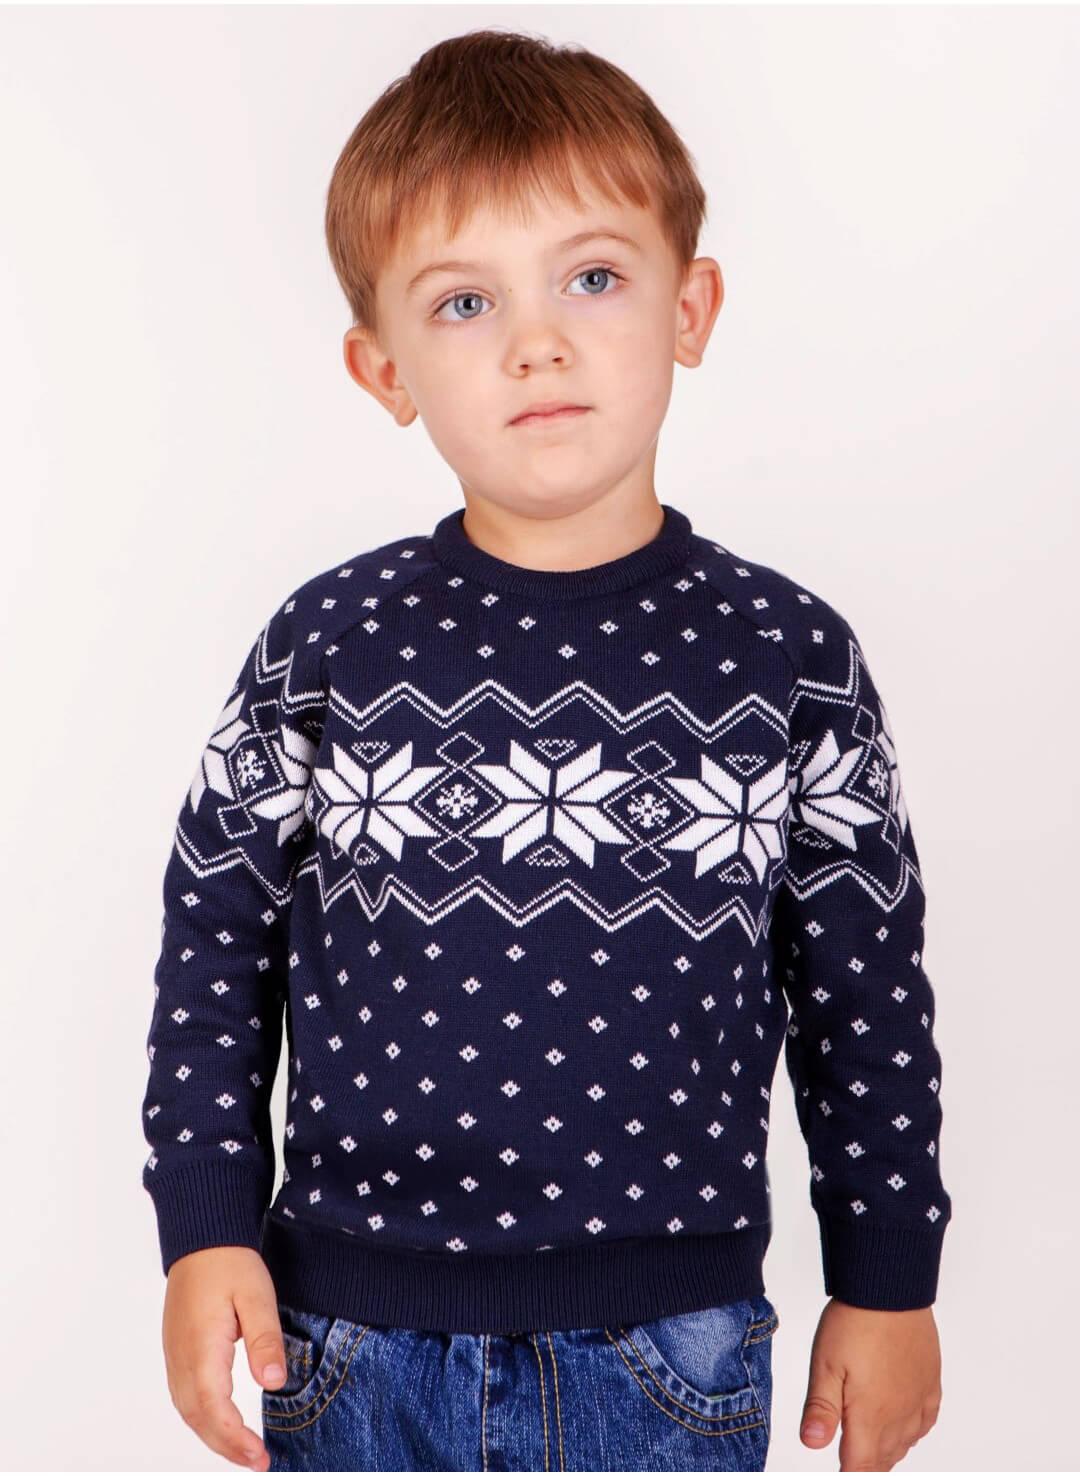 Светр для хлопчика Алатир BB мод.104